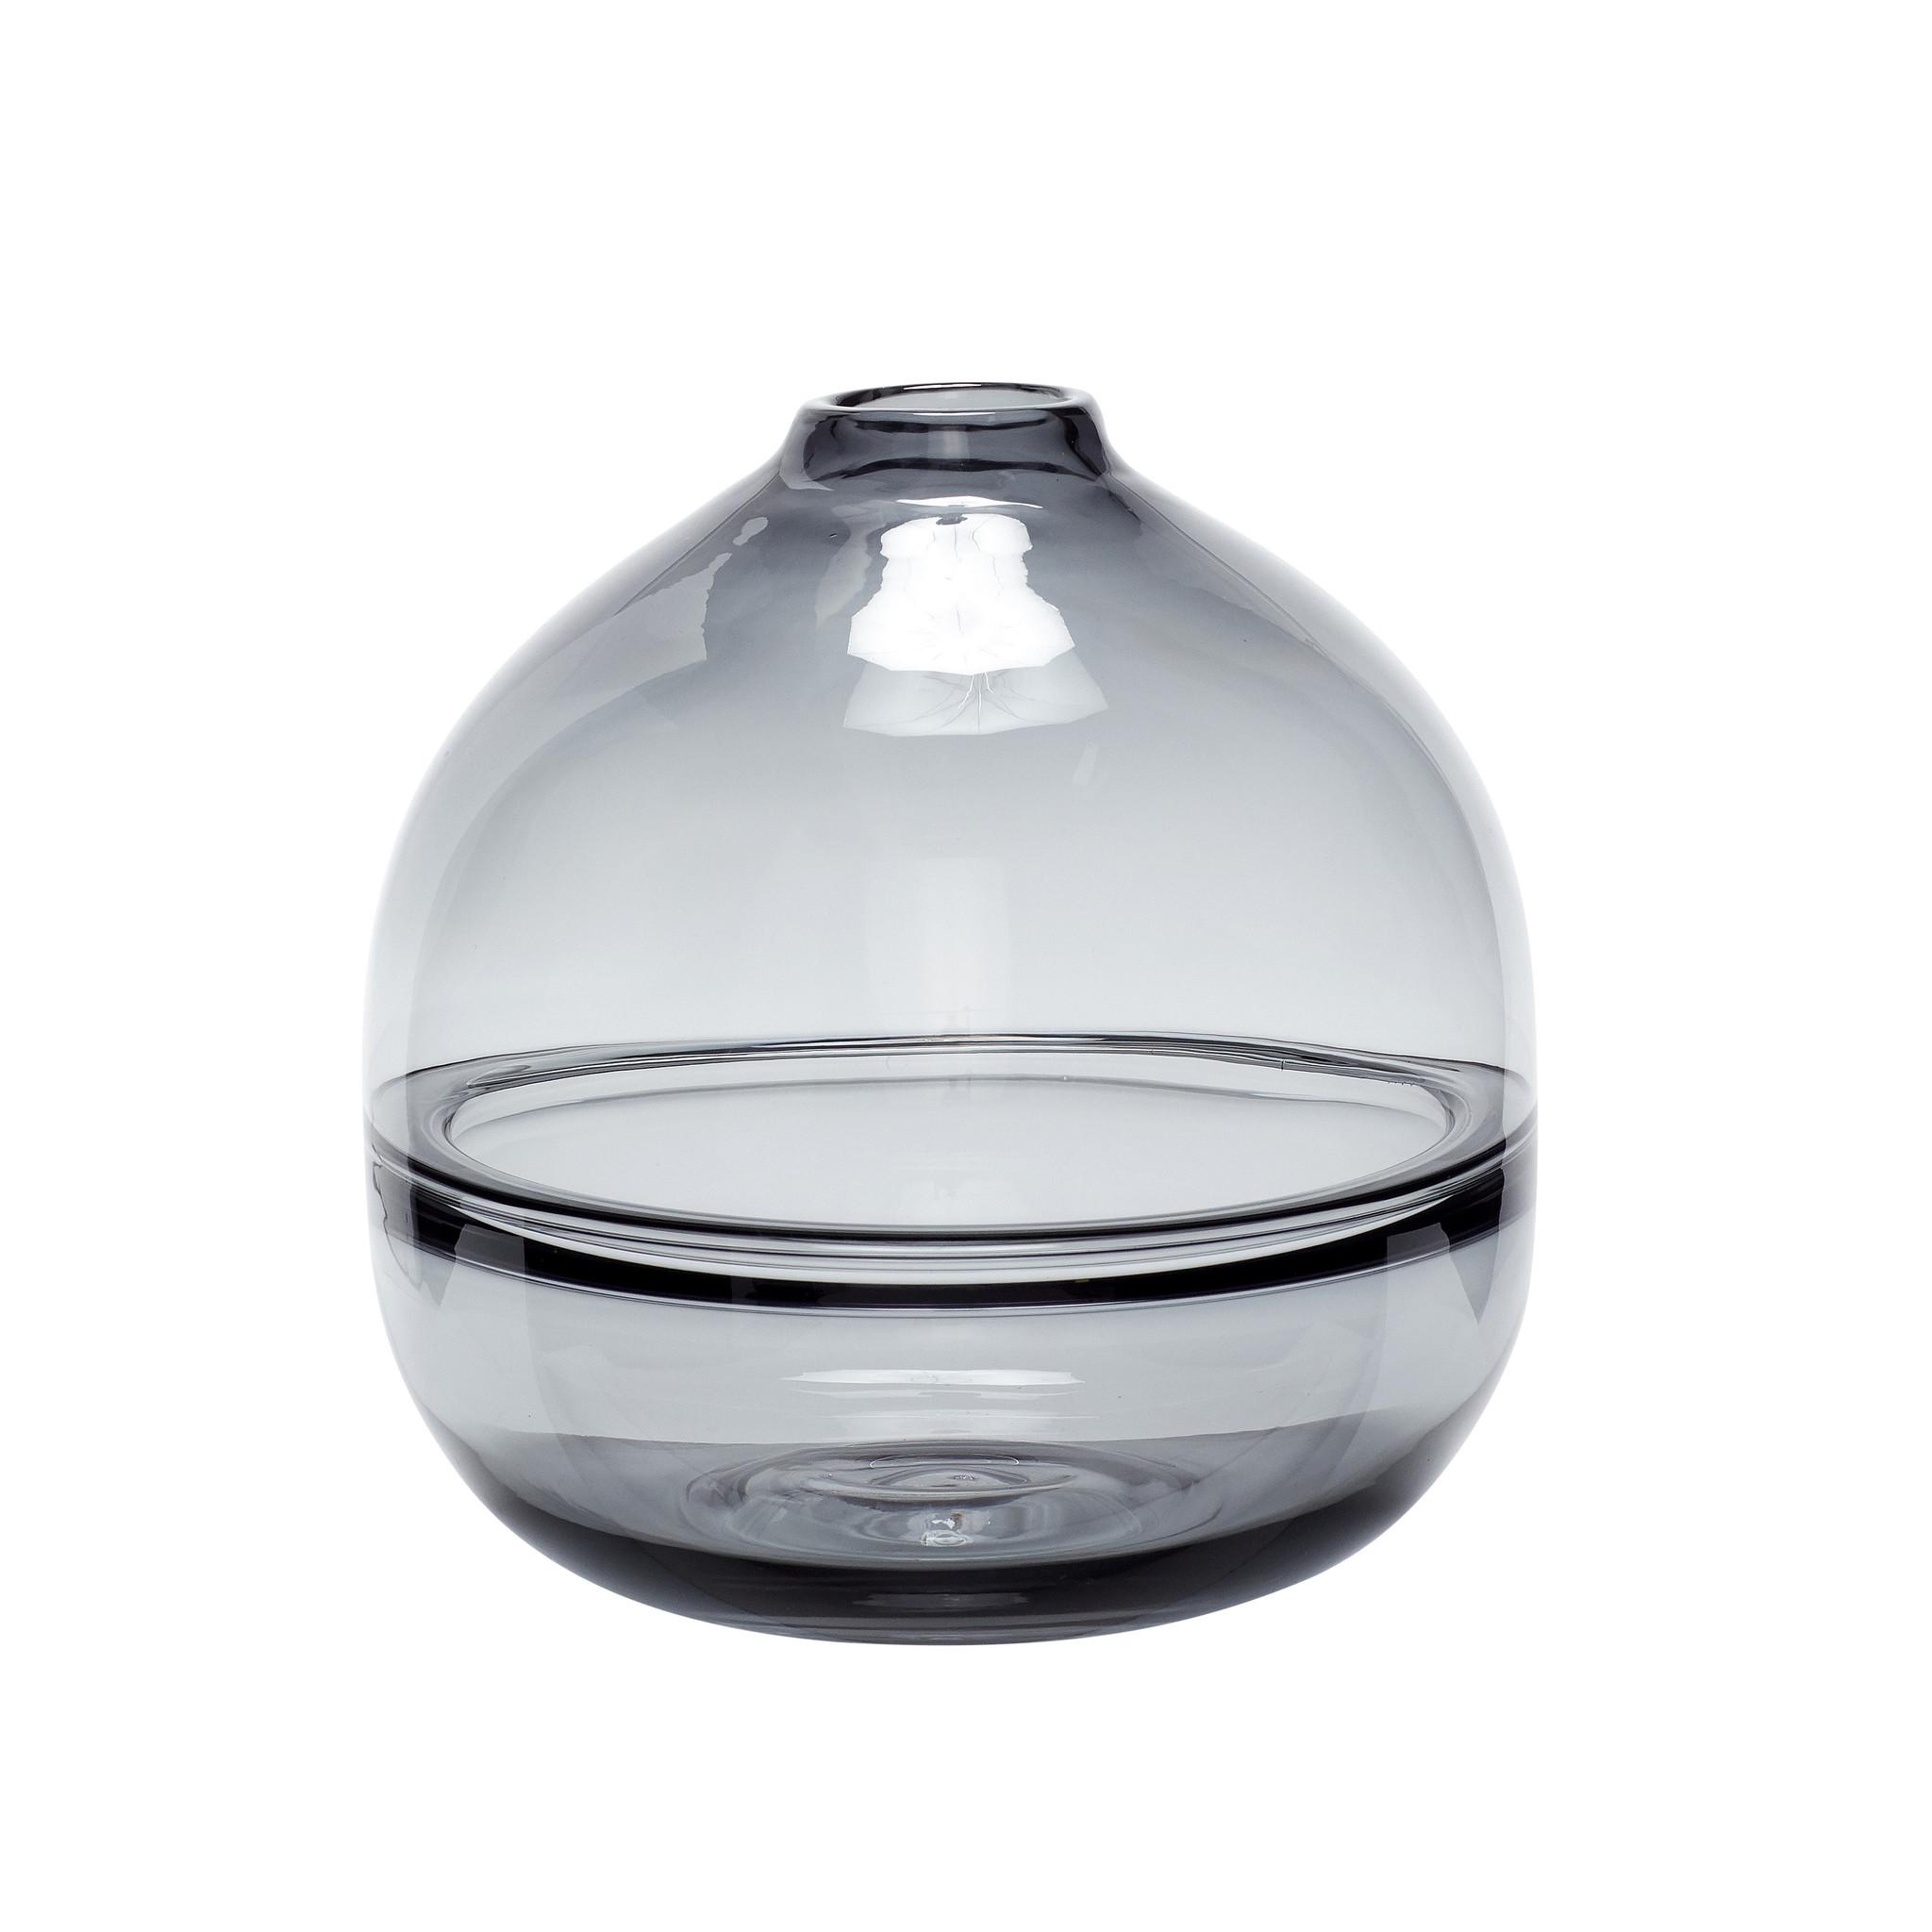 Hubsch Vaas, glas, grijs-950502-5712772060728